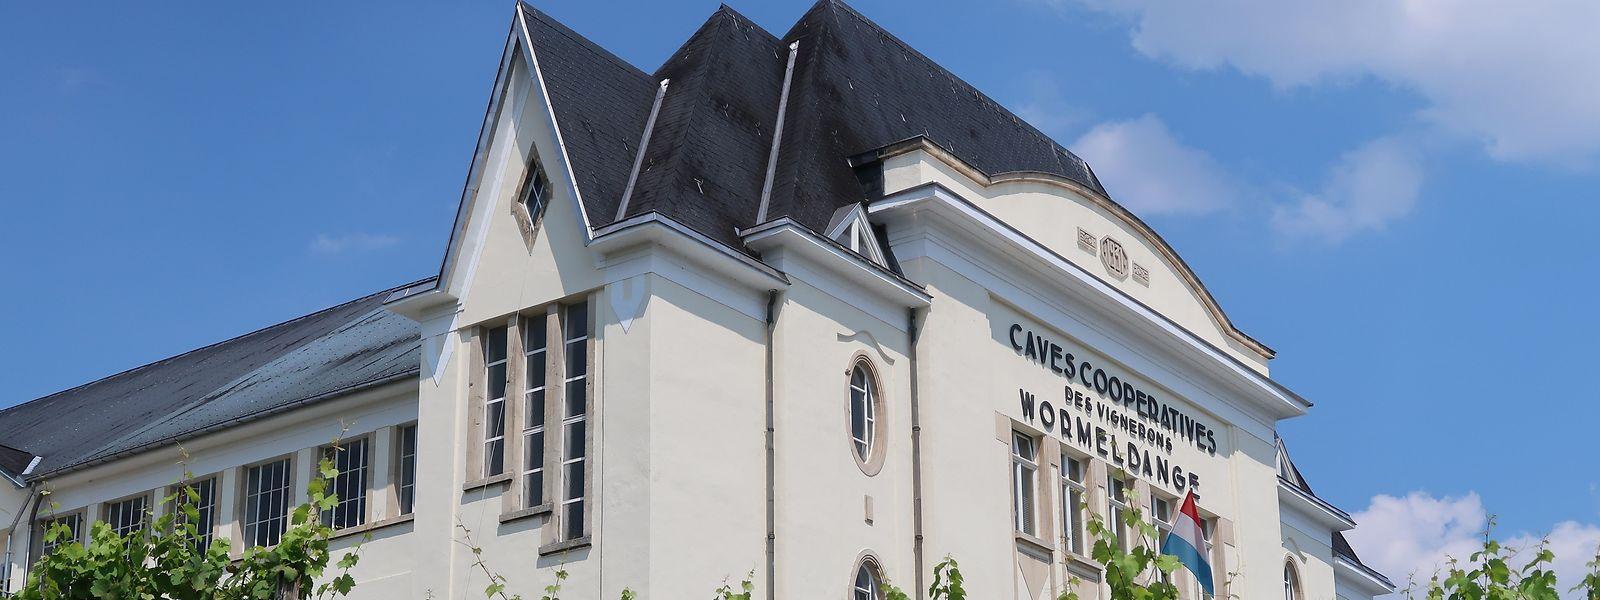 Mit auf der Liste der sehenswerten Gebäude steht die Genossenschaftskellerei in Wormeldingen, von Architekt Jacques Haal 1931 im Art-Deco-Stil erbaut.